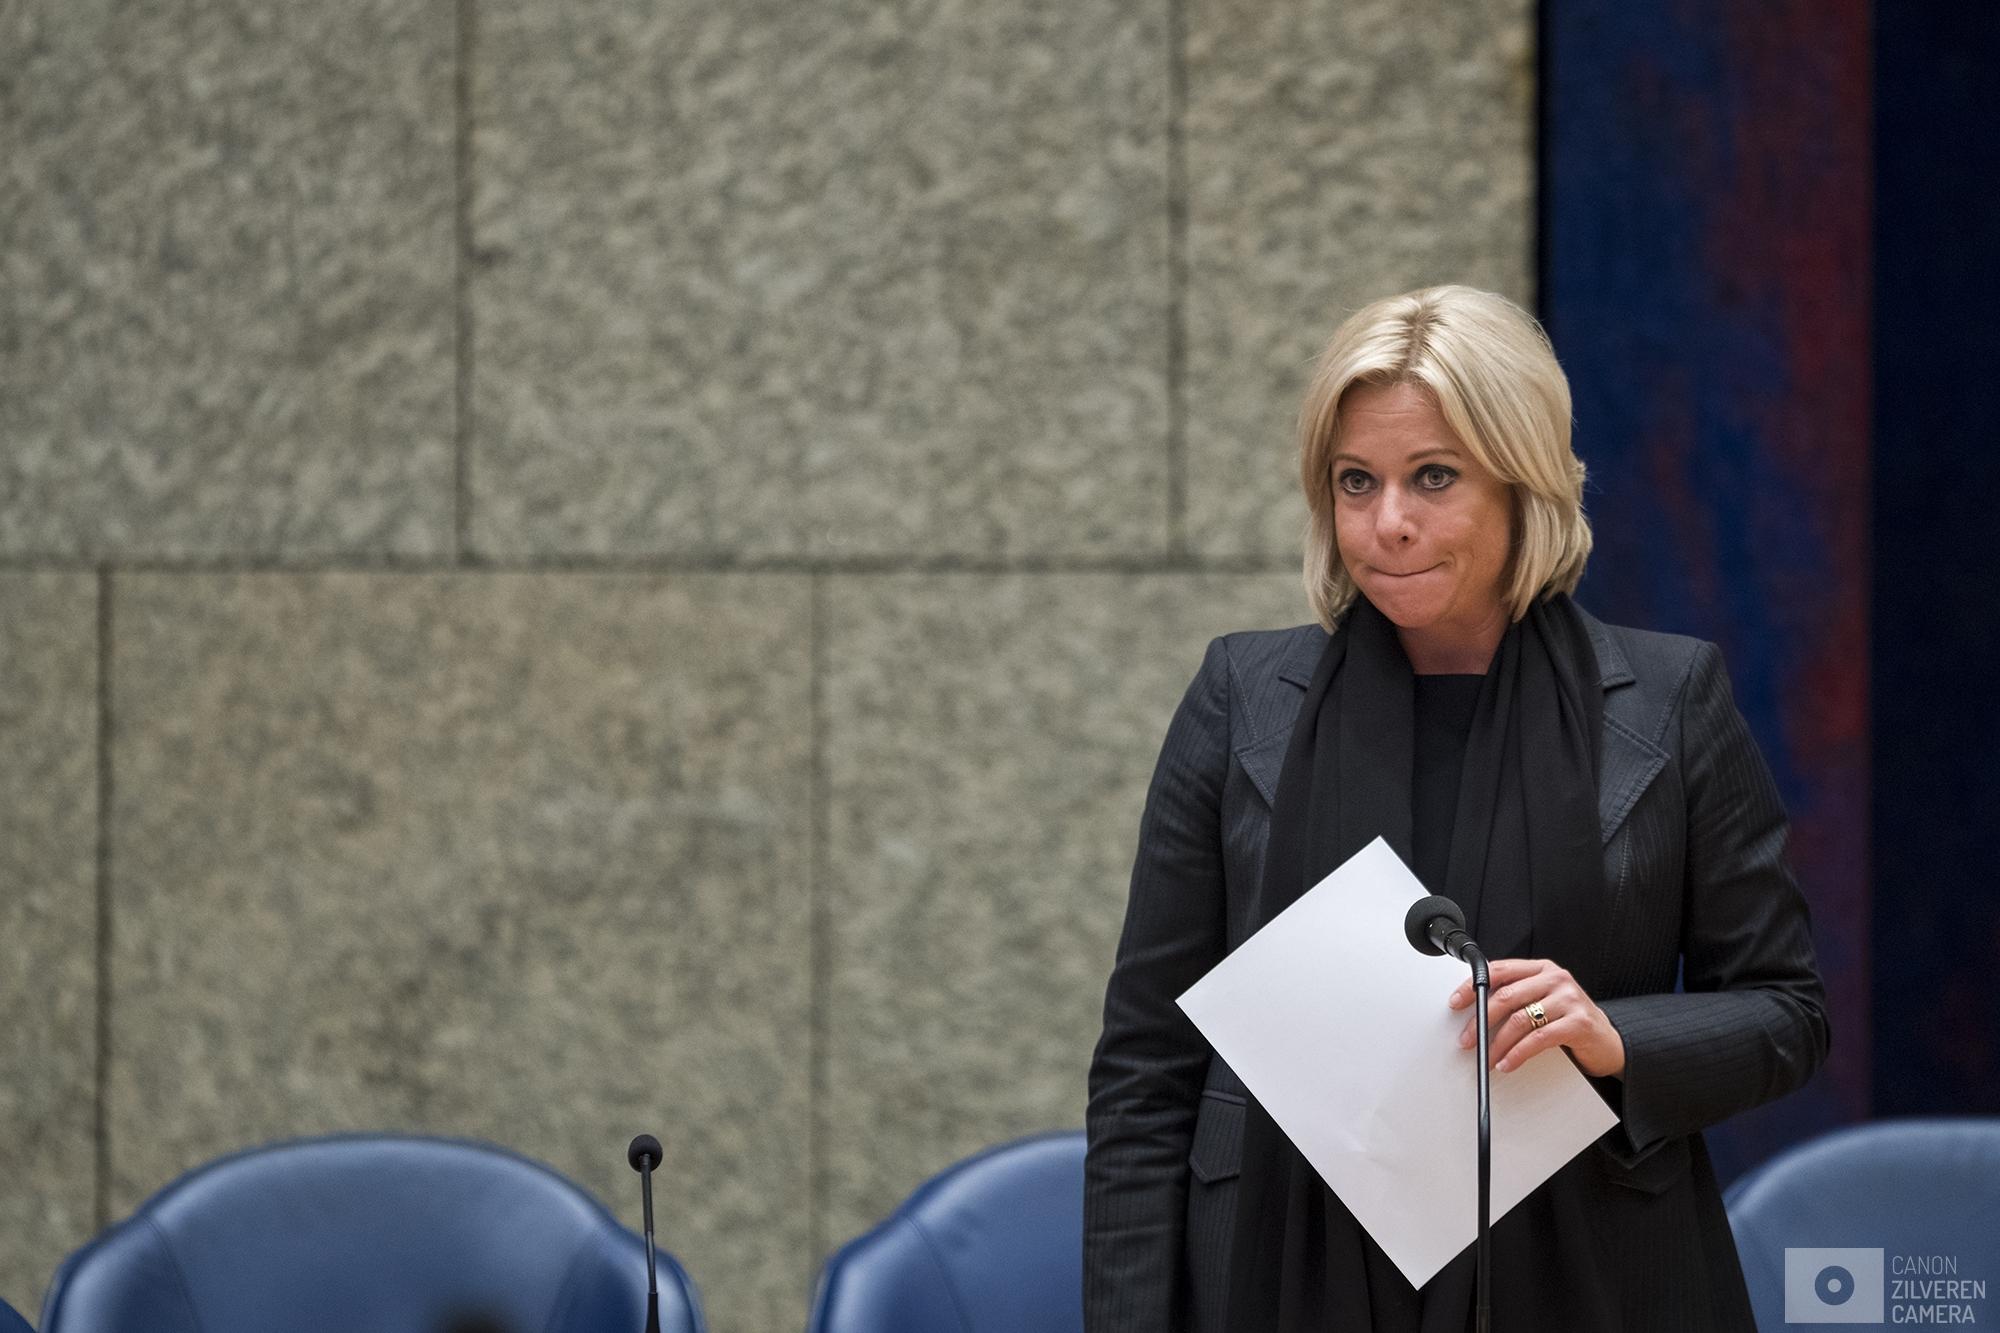 Nederland, Den Haag, 03102017- Minister van Defensie Jeanine Hennis-Plasschaert verantwoordingsdebat. Foto: David van Dam